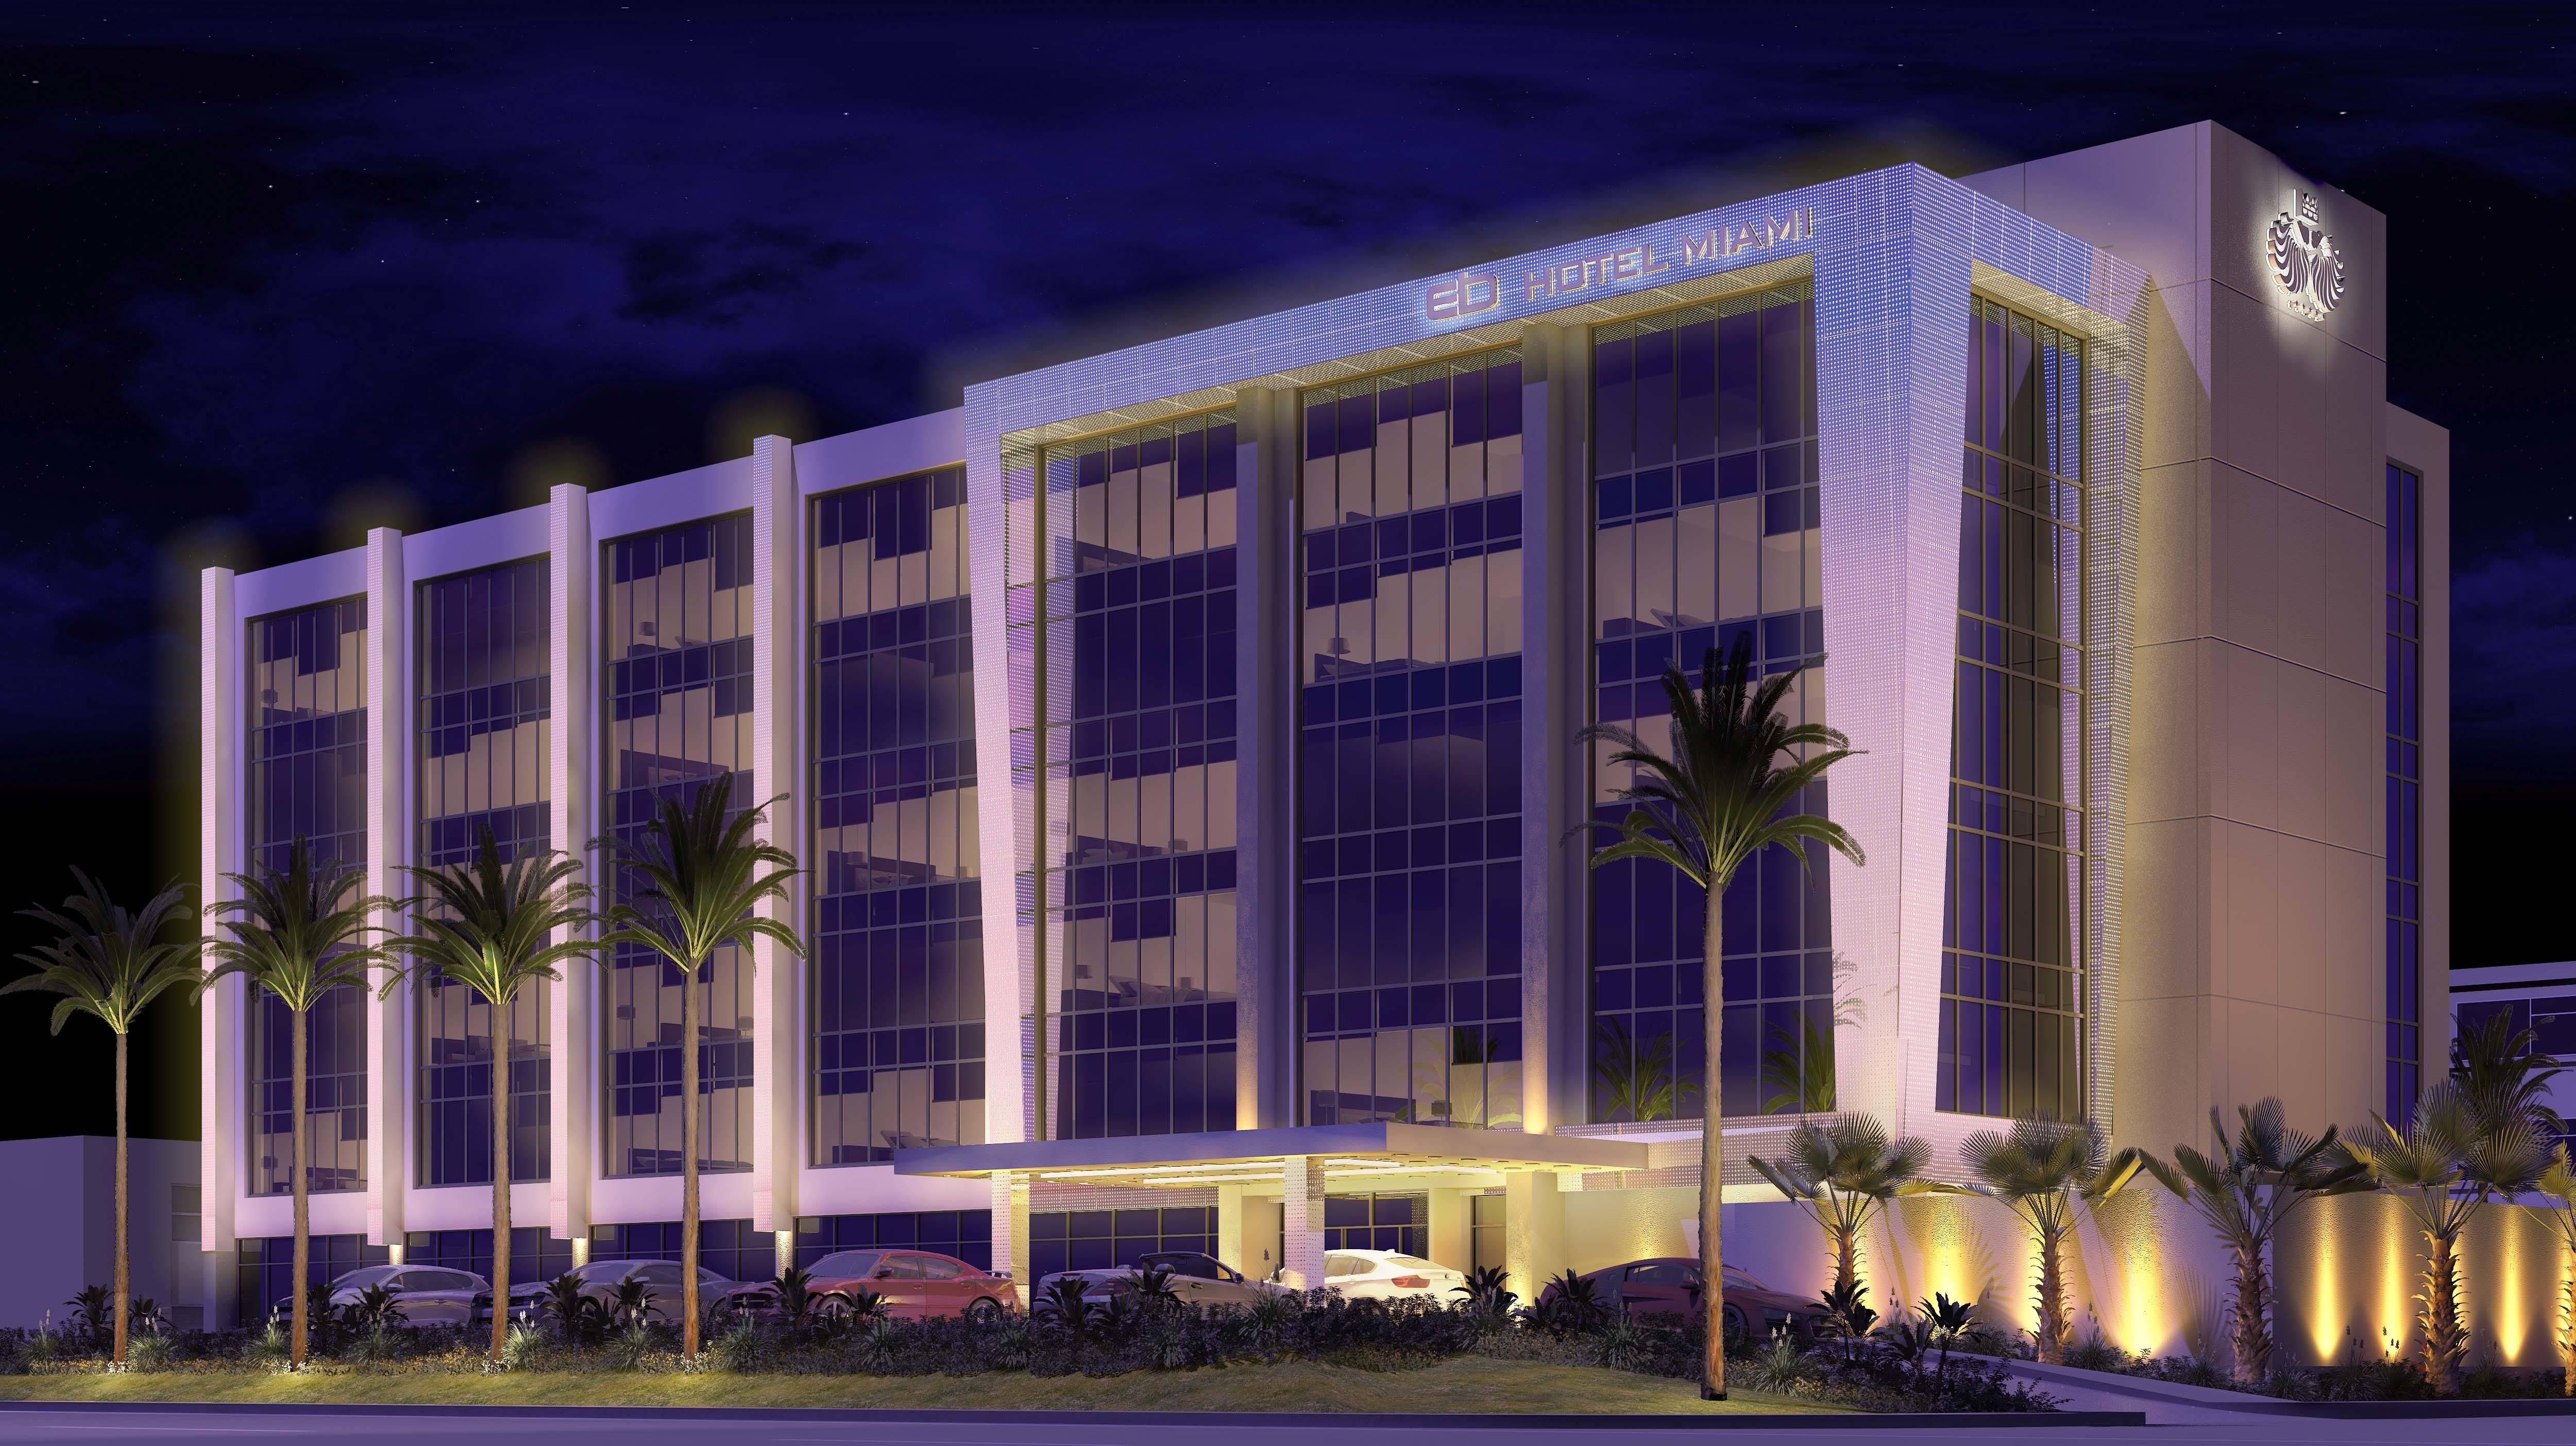 Eb hotel opens miami 39 s premiere luxury stopover hotel for Hotel design facade